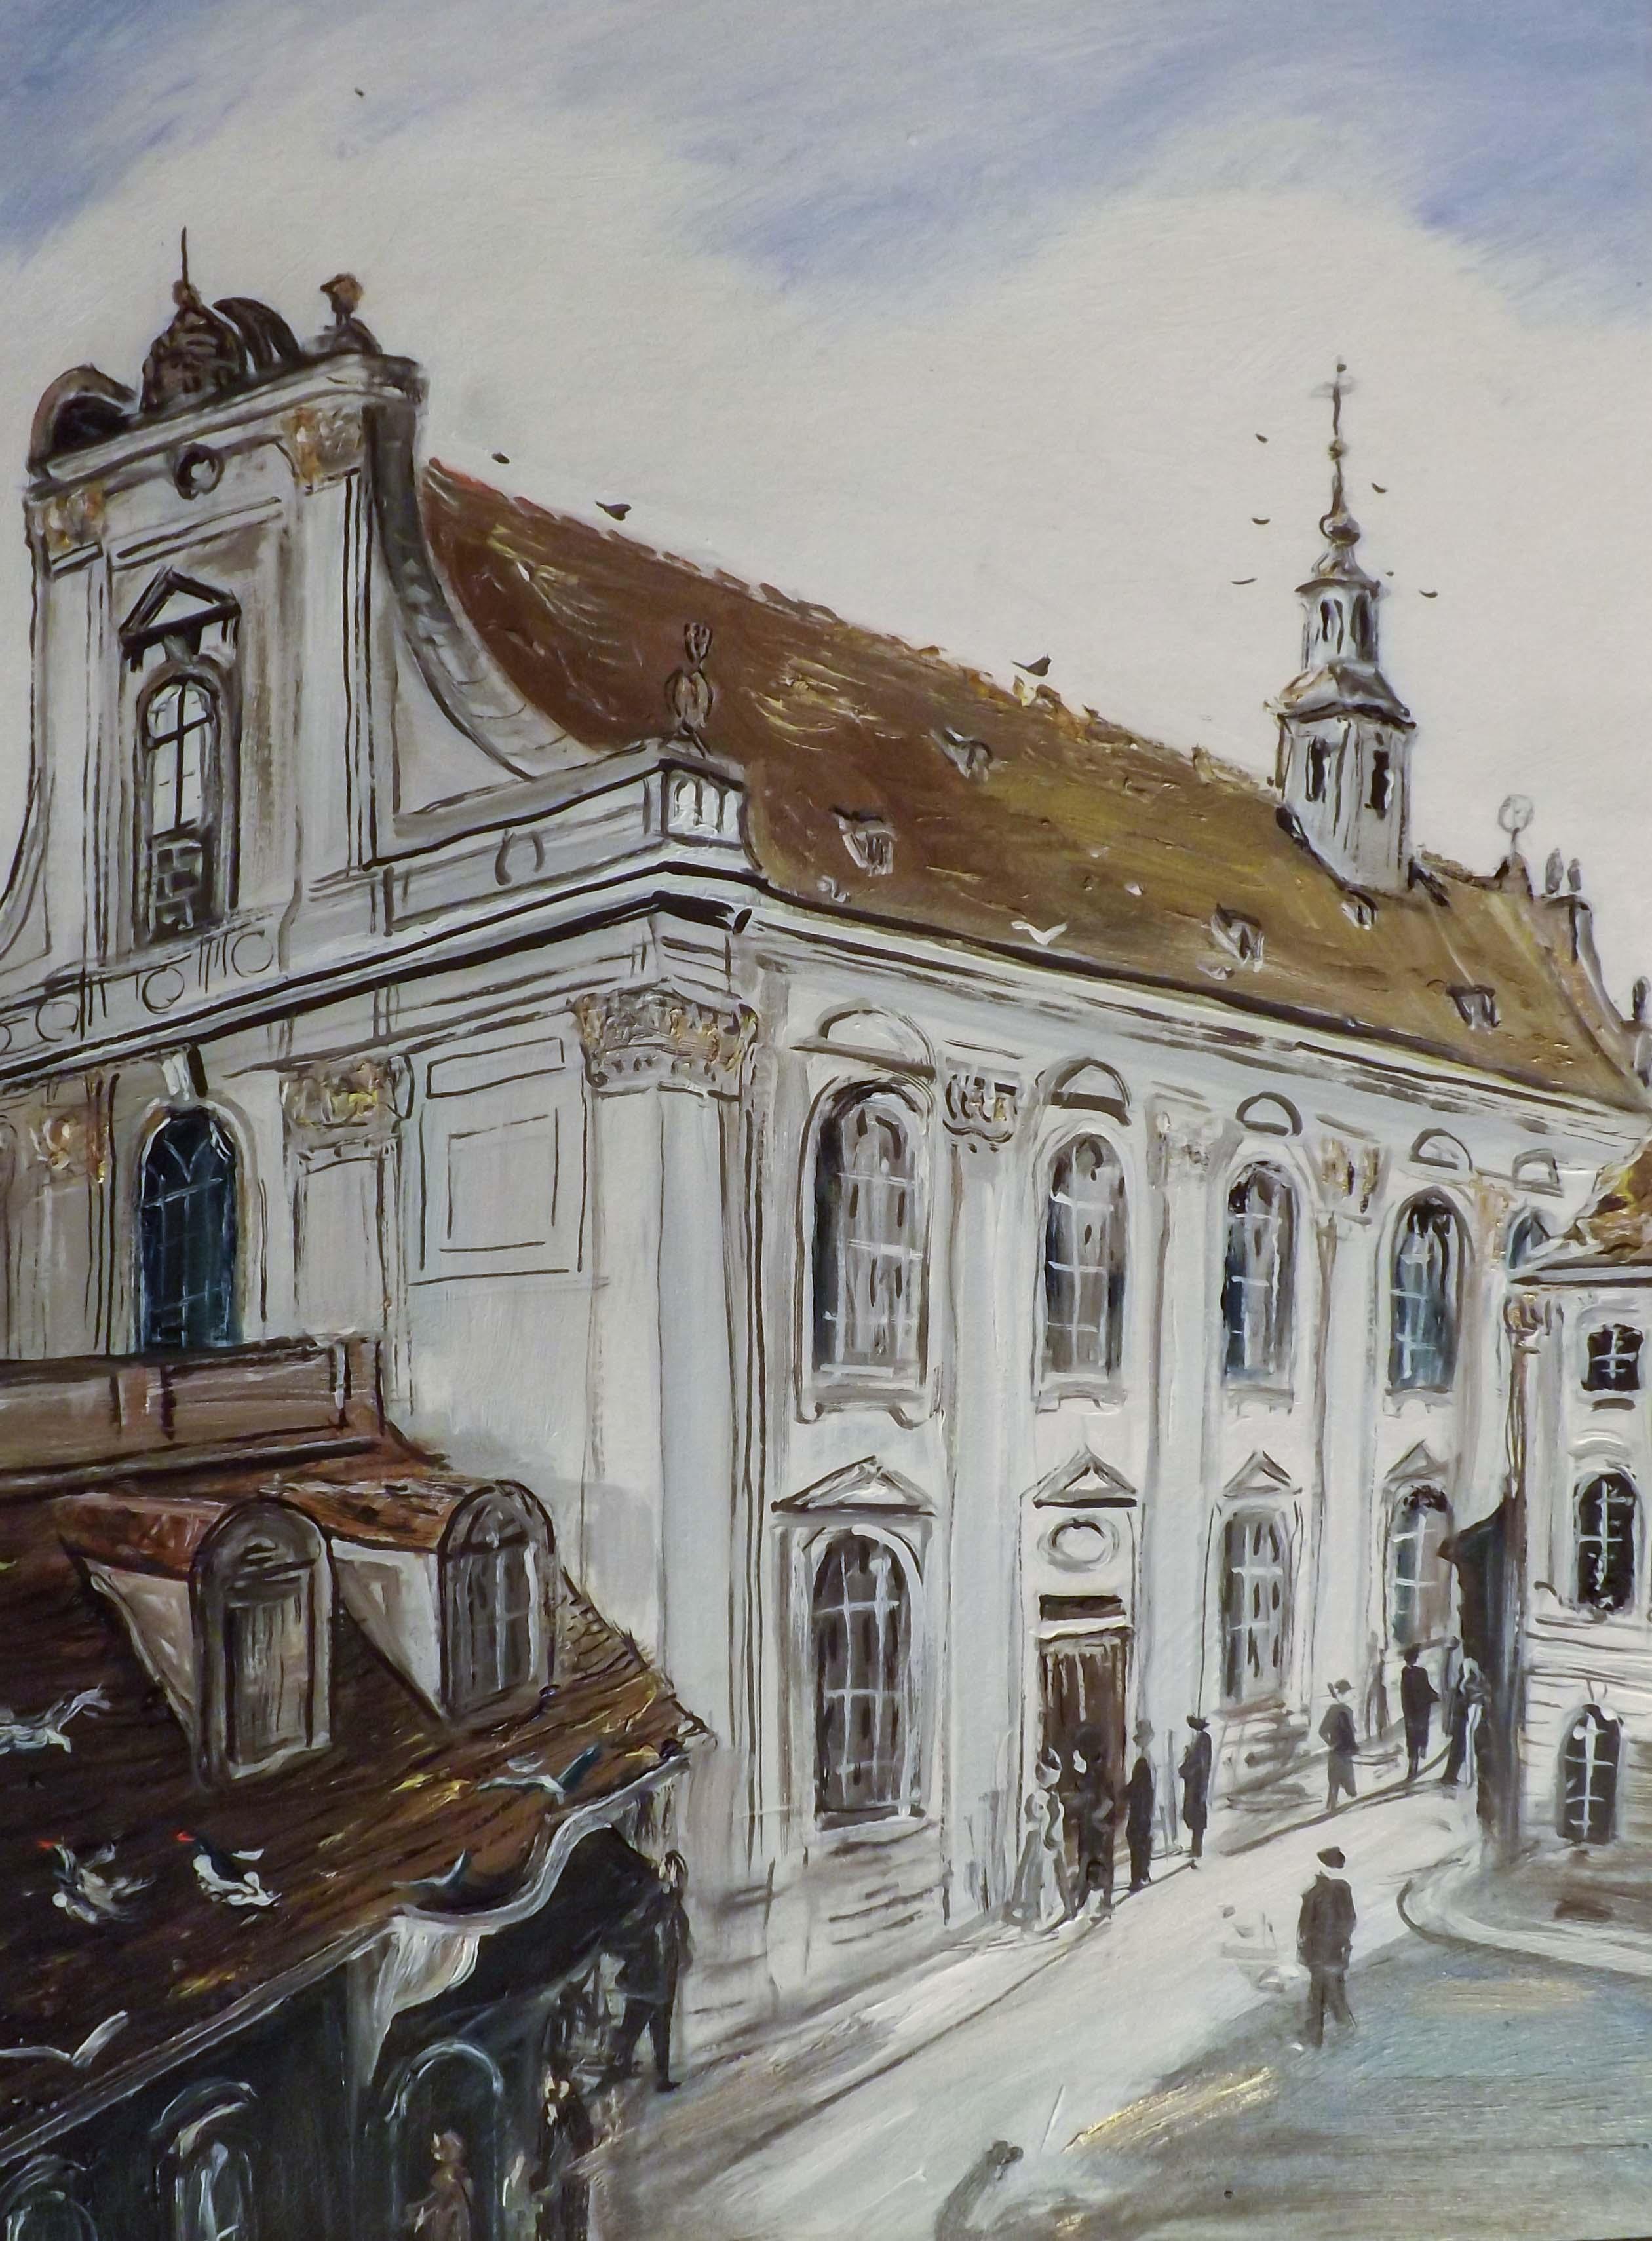 https://peter-natusch.de/wp-content/uploads/2018/01/Breslau-St.-Matthiaskirche.jpg